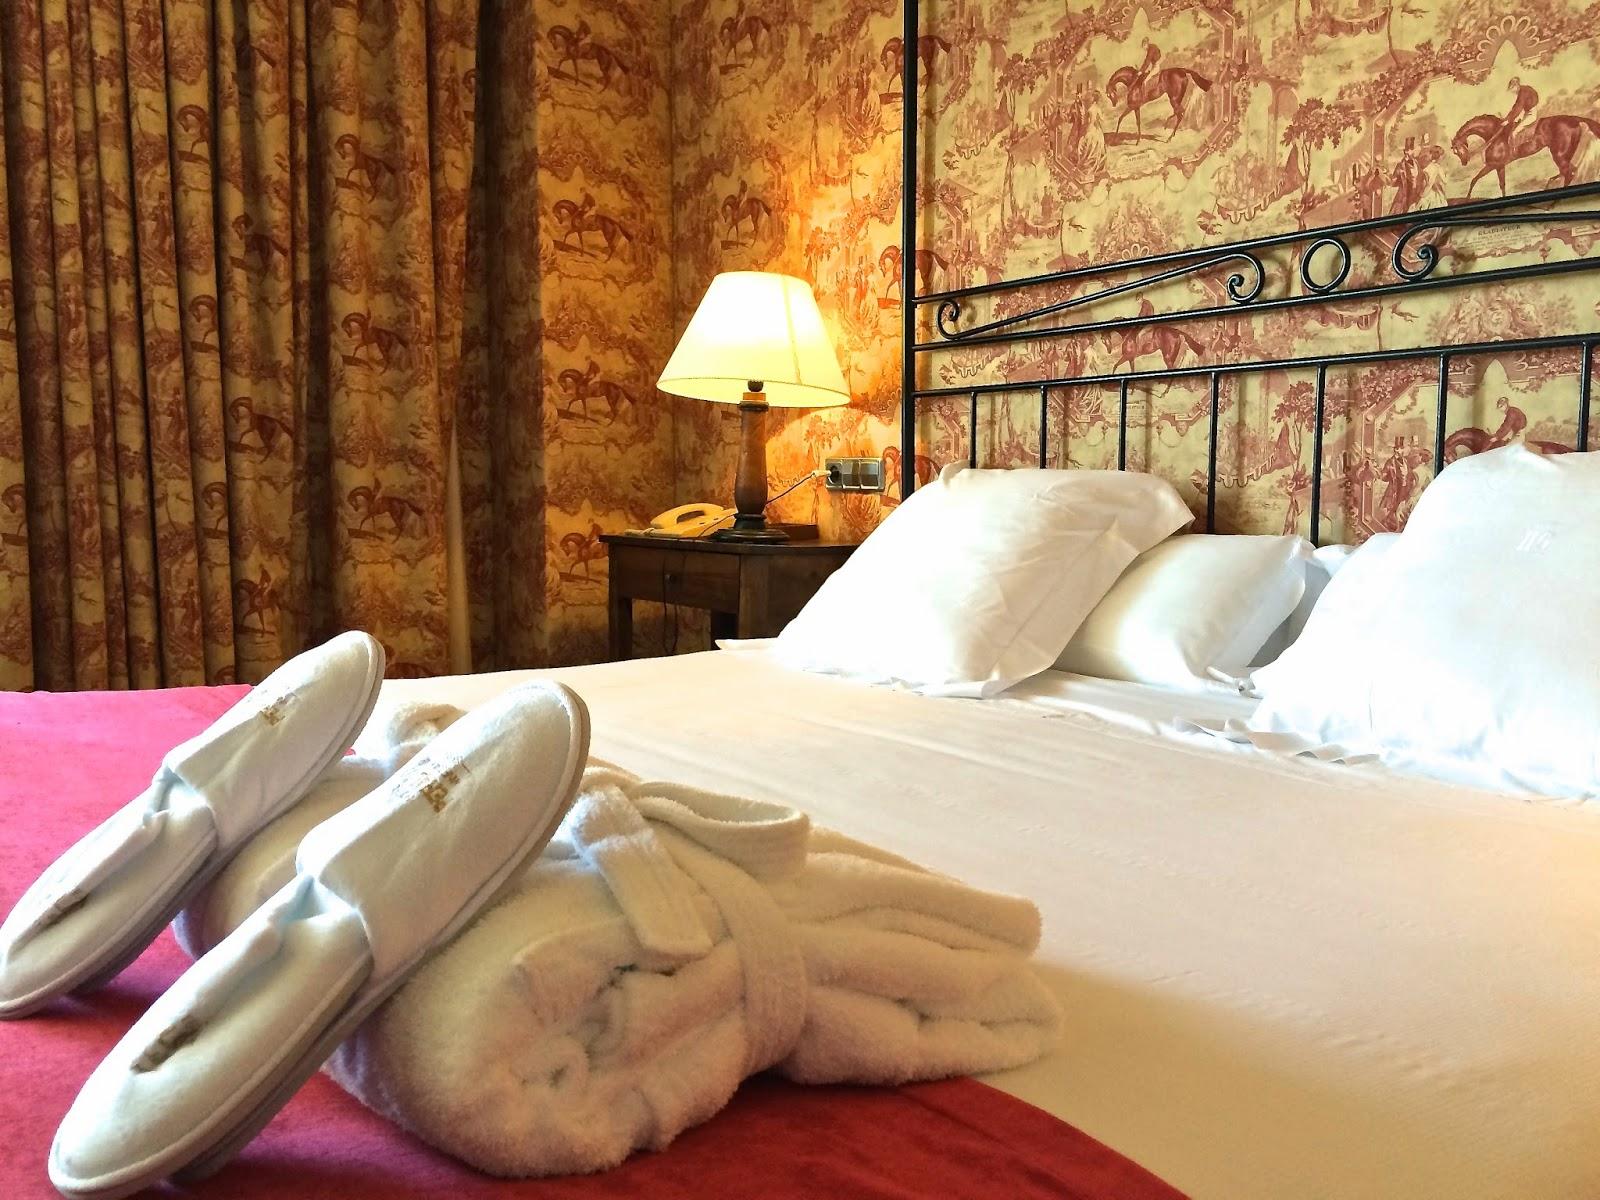 visitamos el hotel peralada wine spa u golf tambin del grupo un exclusivo hotel de estrellas situado en el marco de lu empord